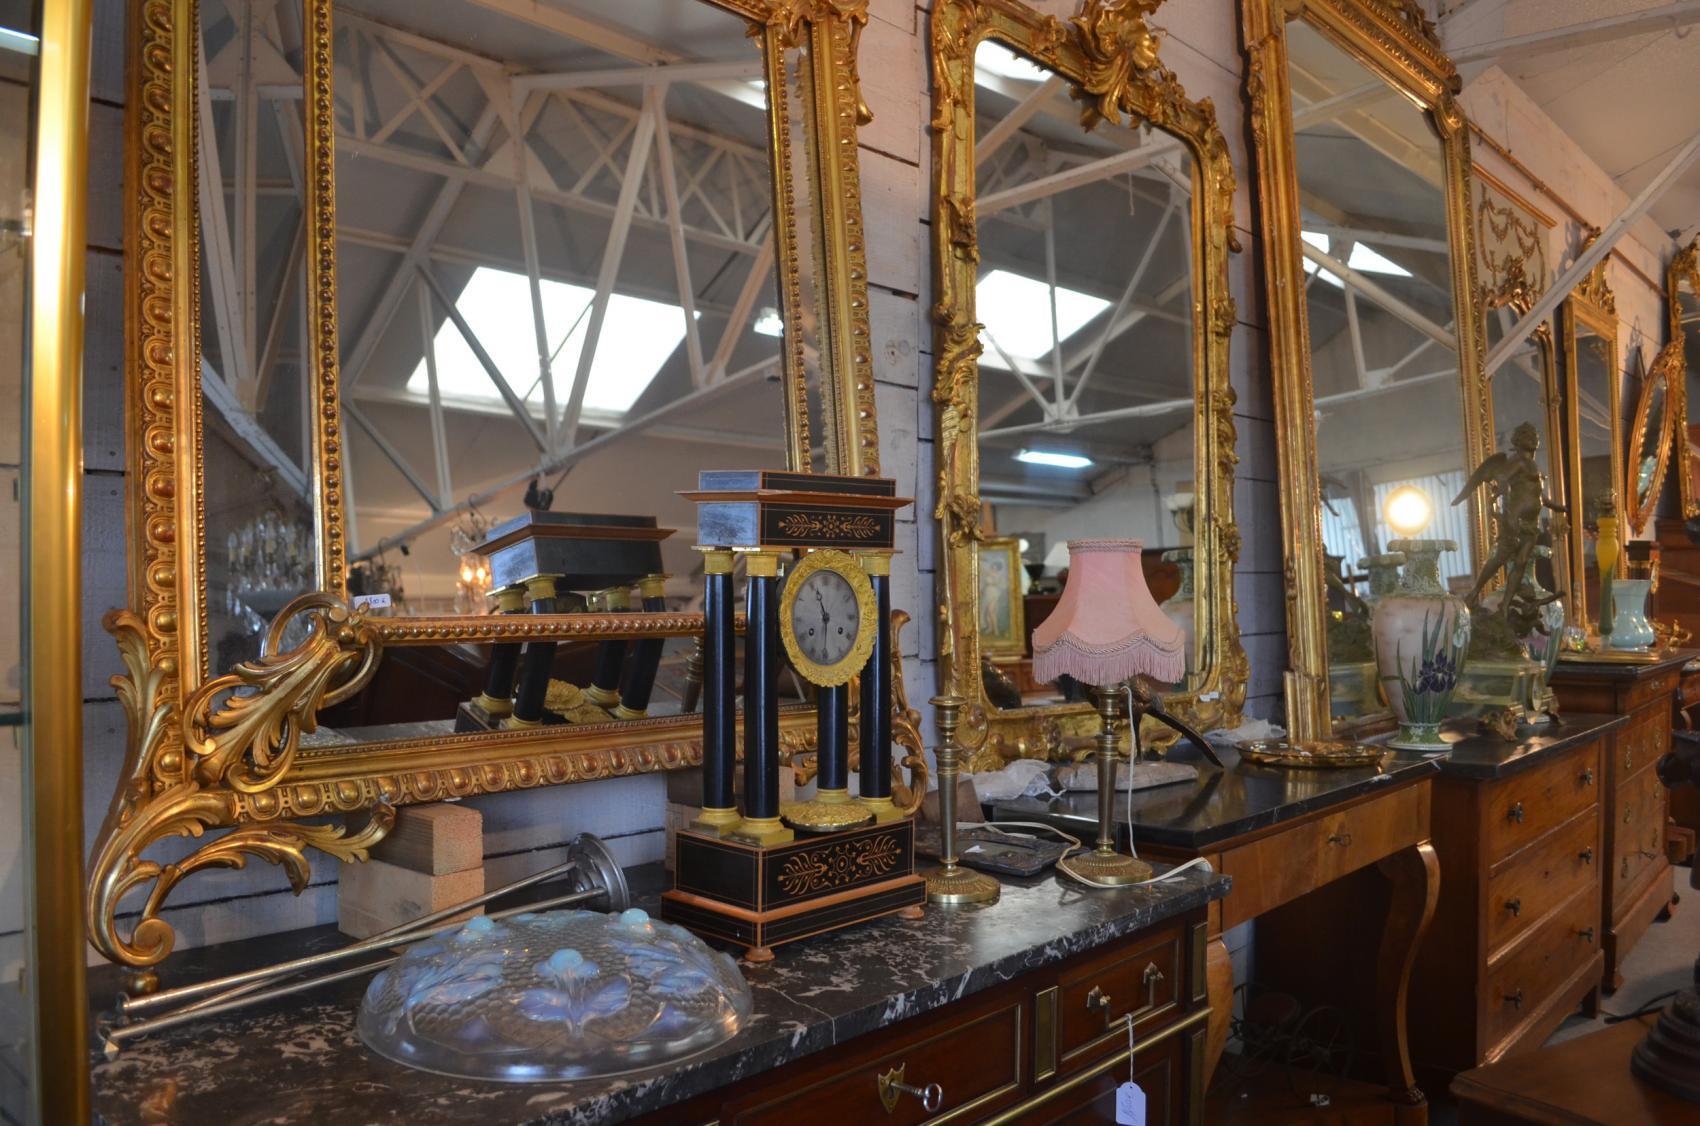 expertise d 39 objets d 39 art et de mobilier ancien la rochelle avec la grenouill re antiquit s. Black Bedroom Furniture Sets. Home Design Ideas